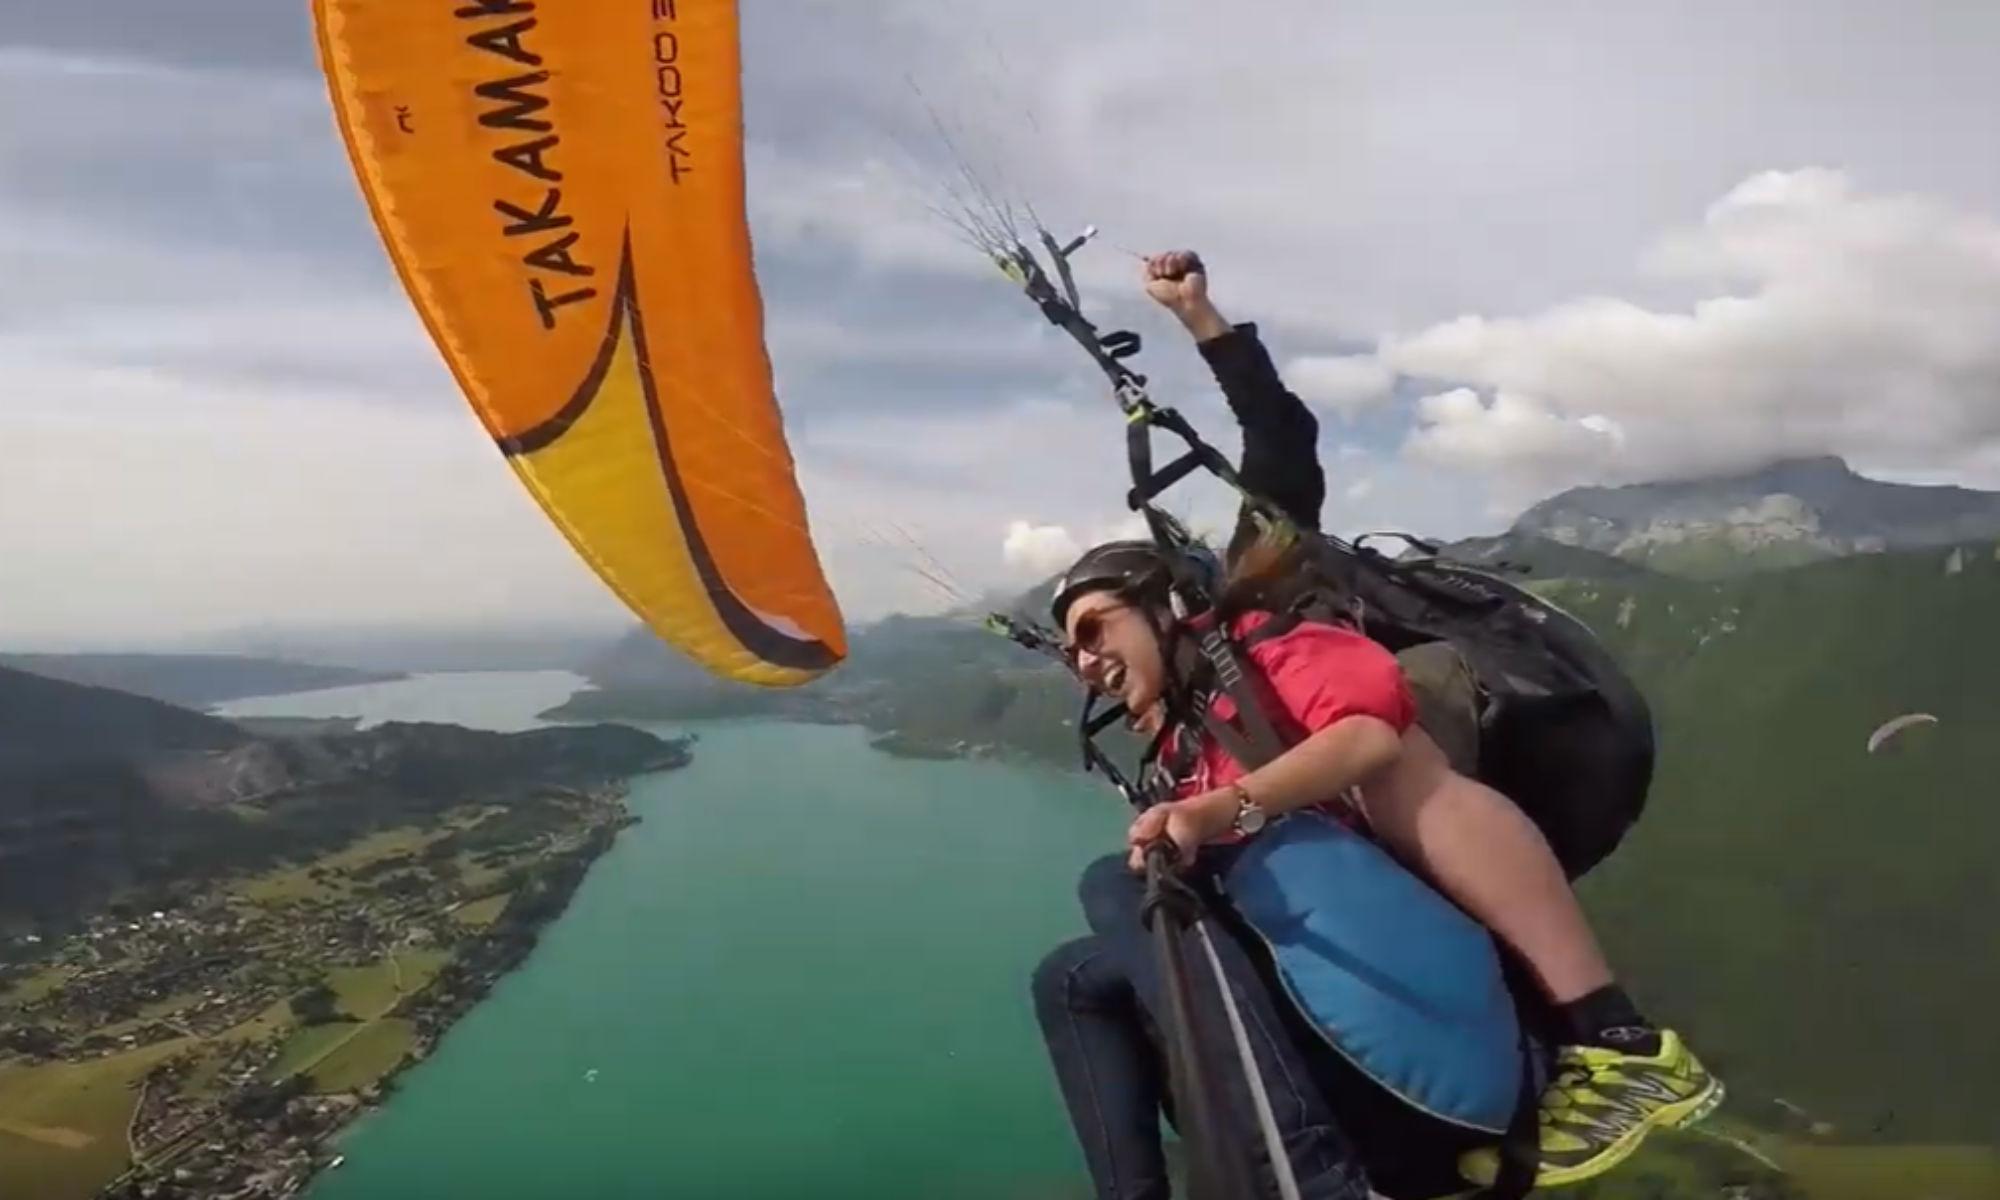 Un vol en parapente acrobatique au-dessus du lac d'Annecy.